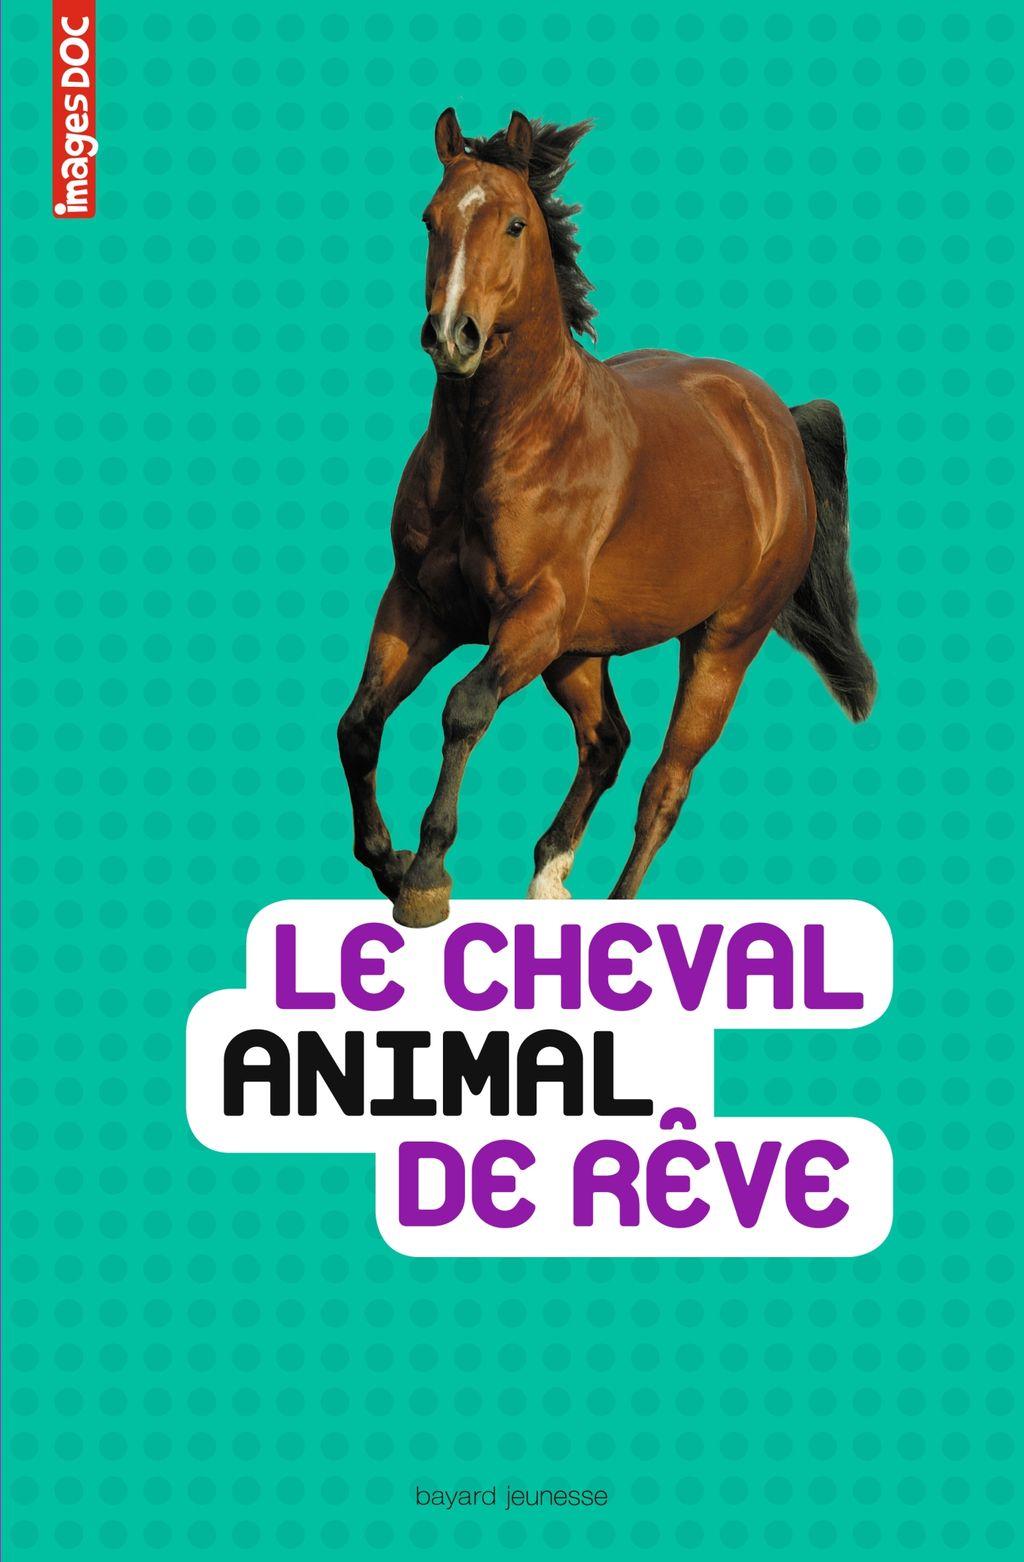 «Le cheval, animal de rêve» cover